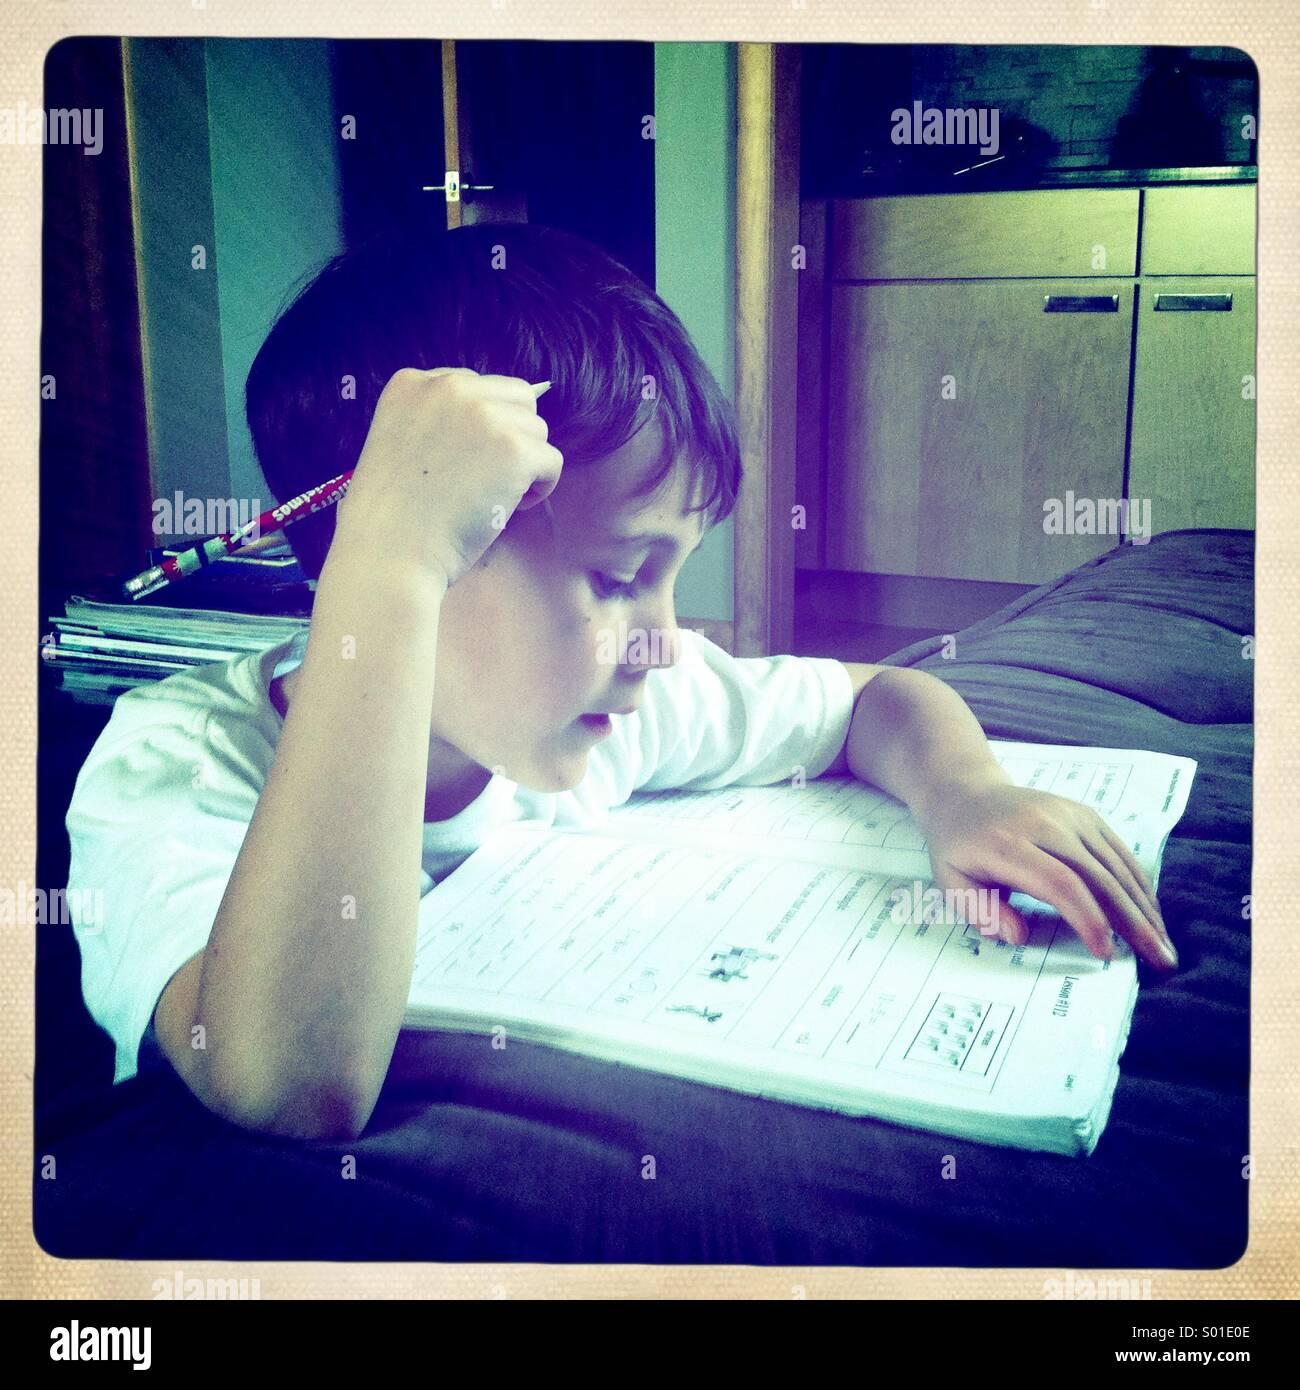 Boy haciendo sus deberes. Imagen De Stock